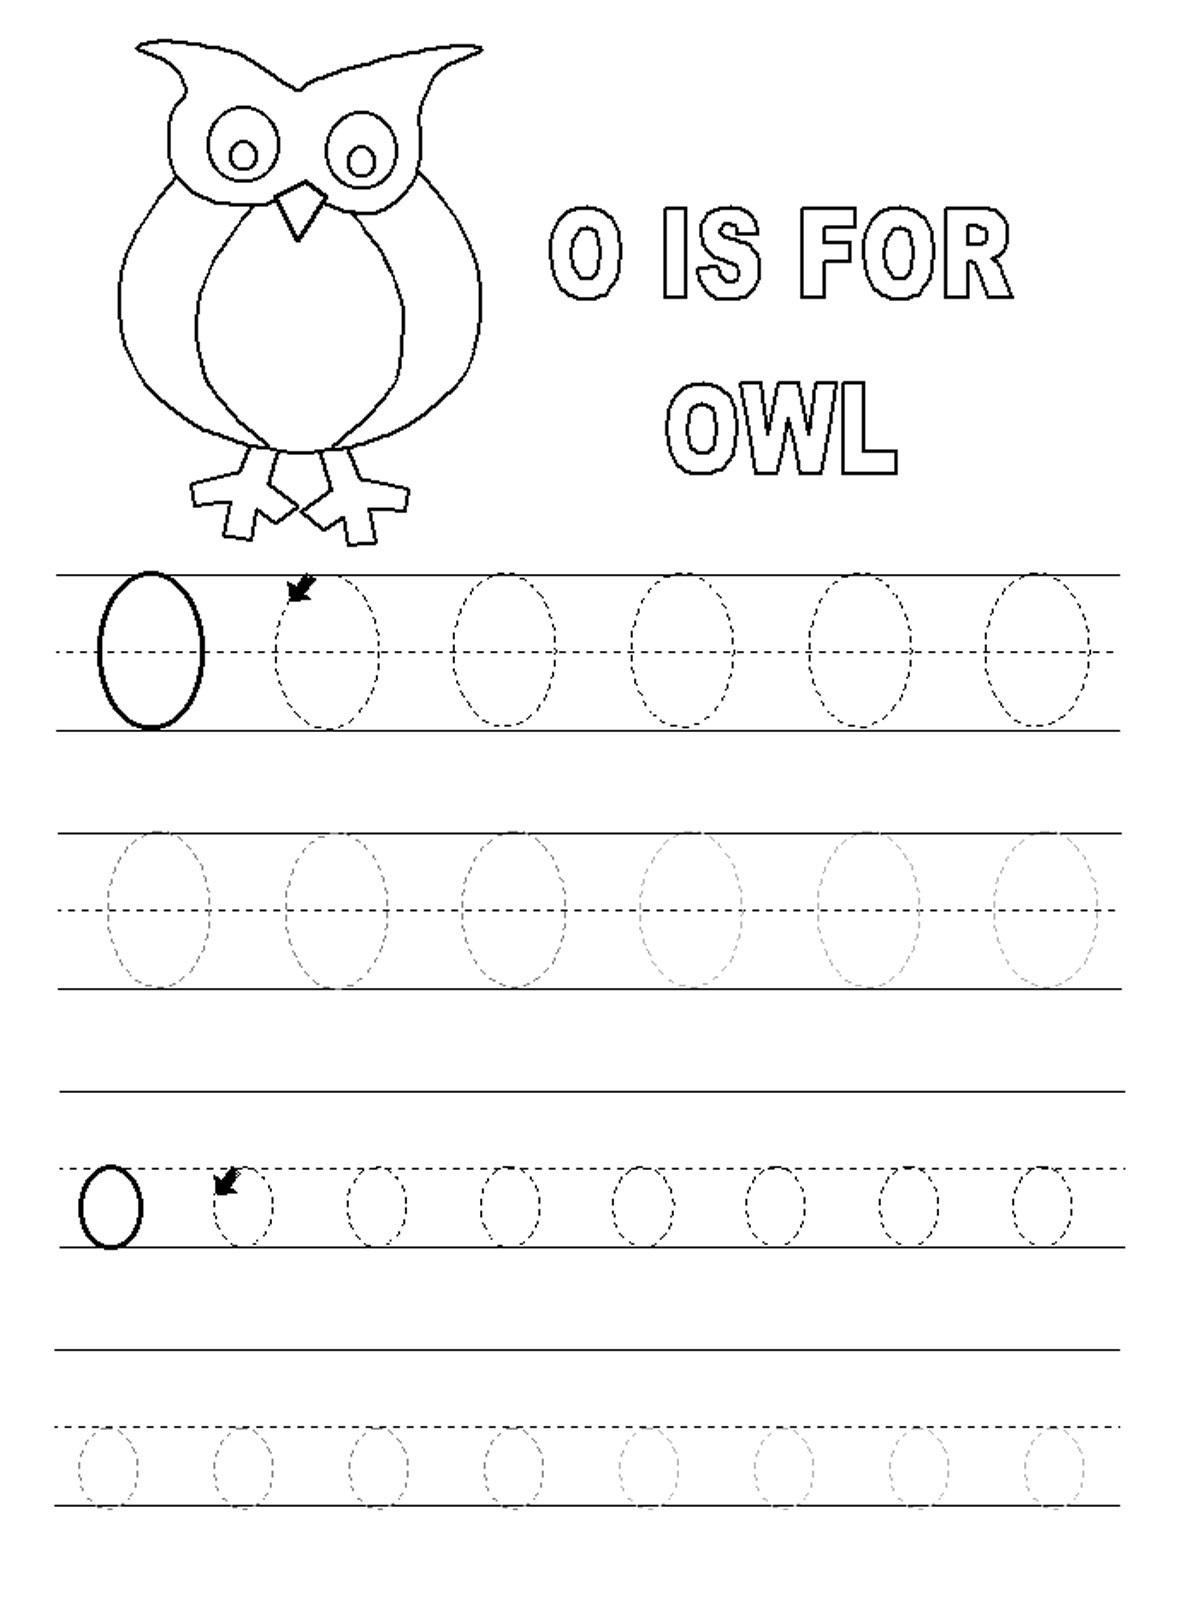 Free Online Worksheets Printable